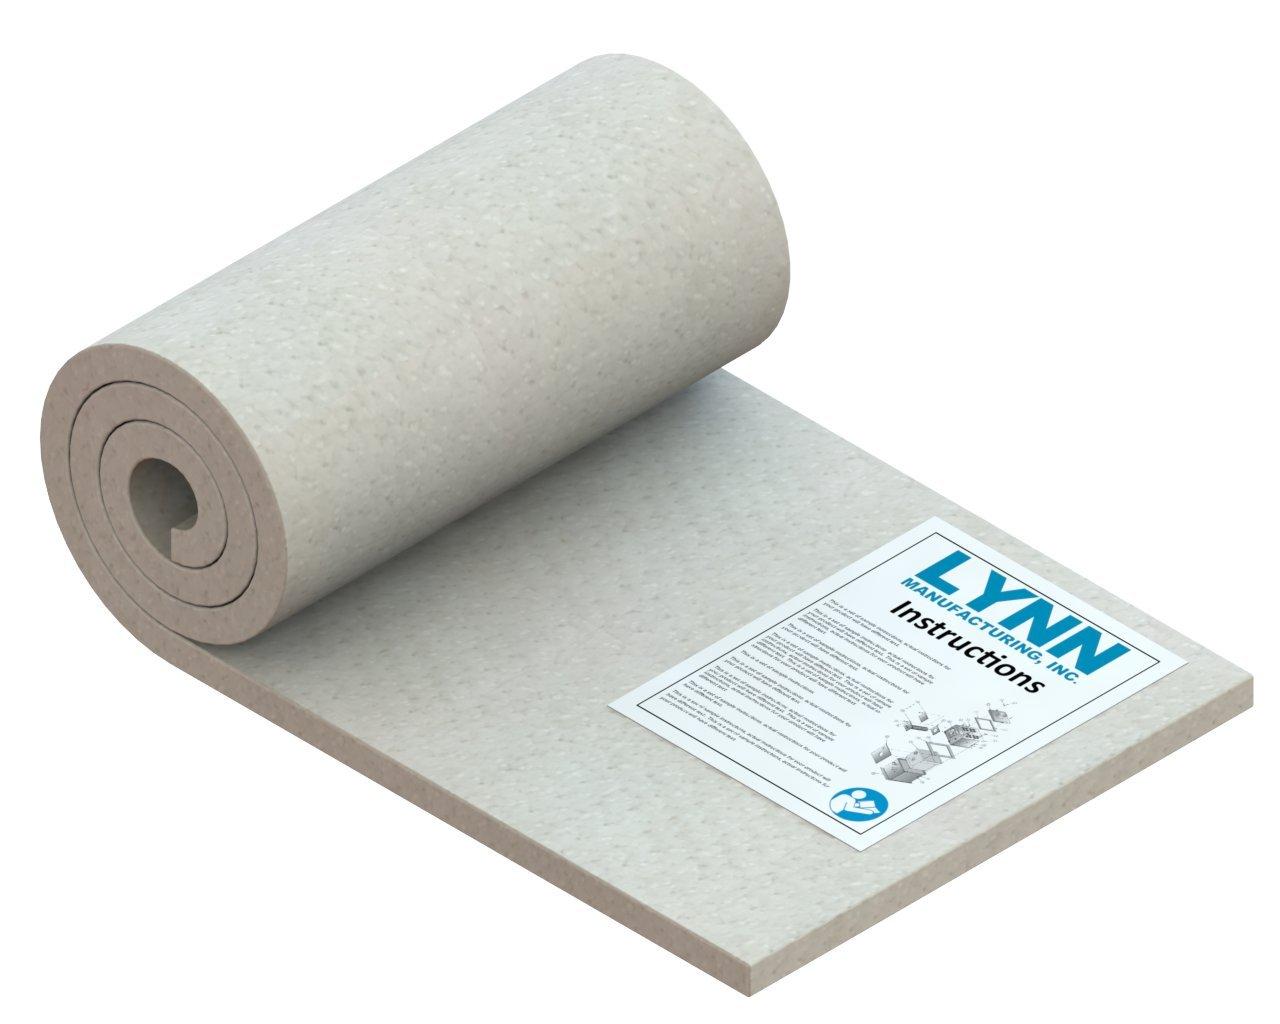 """Lynn Manufacturing Kaowool 2300F Ceramic Fiber Blanket, 56"""" x 14"""" x 3/4"""""""